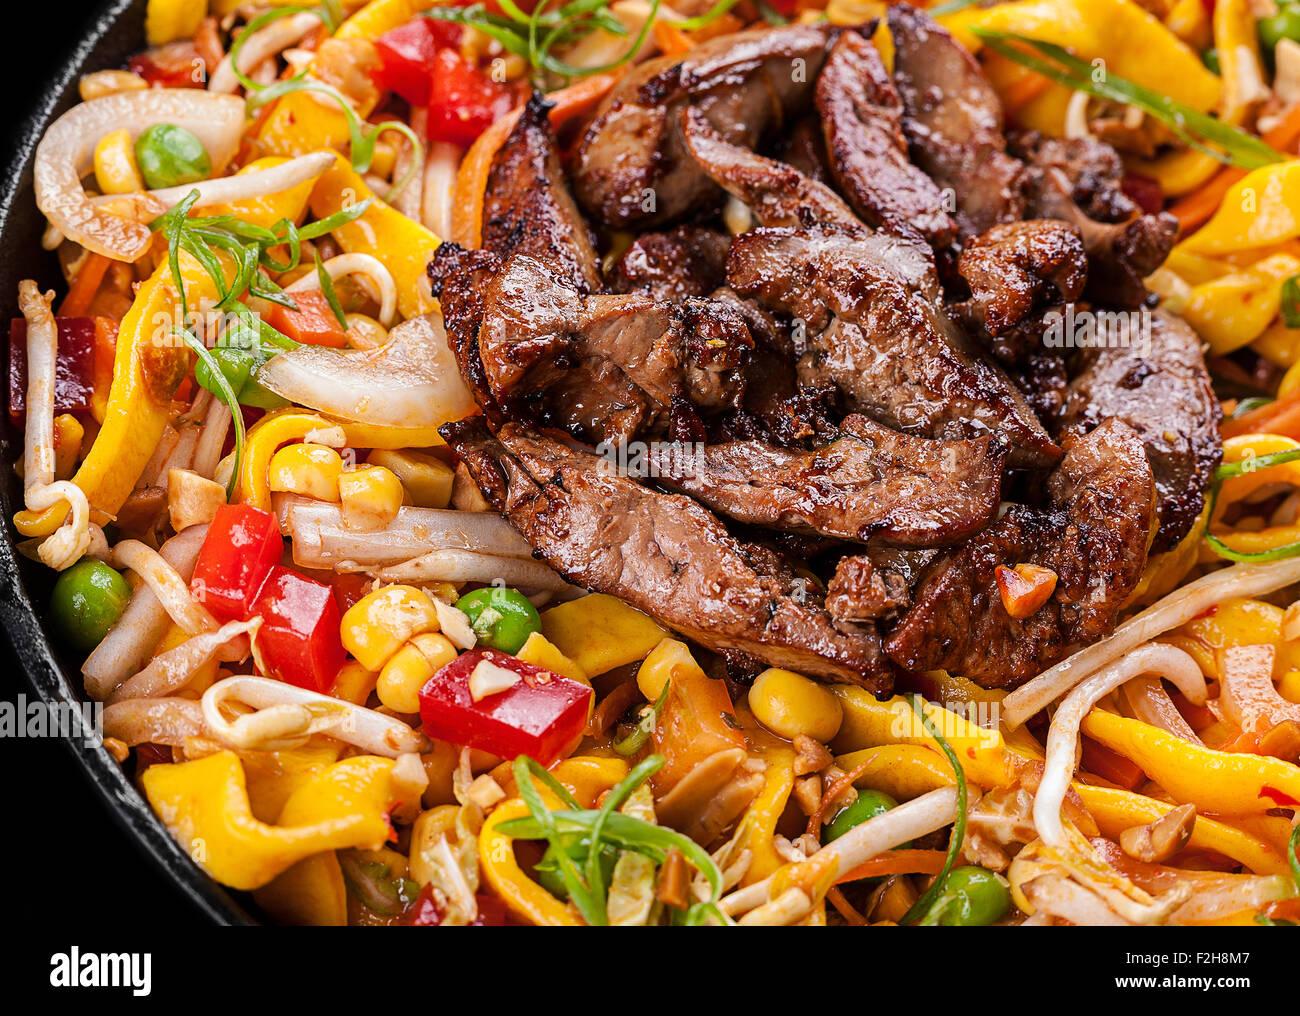 El hígado de pollo frito con huevo y verduras fideos Imagen De Stock